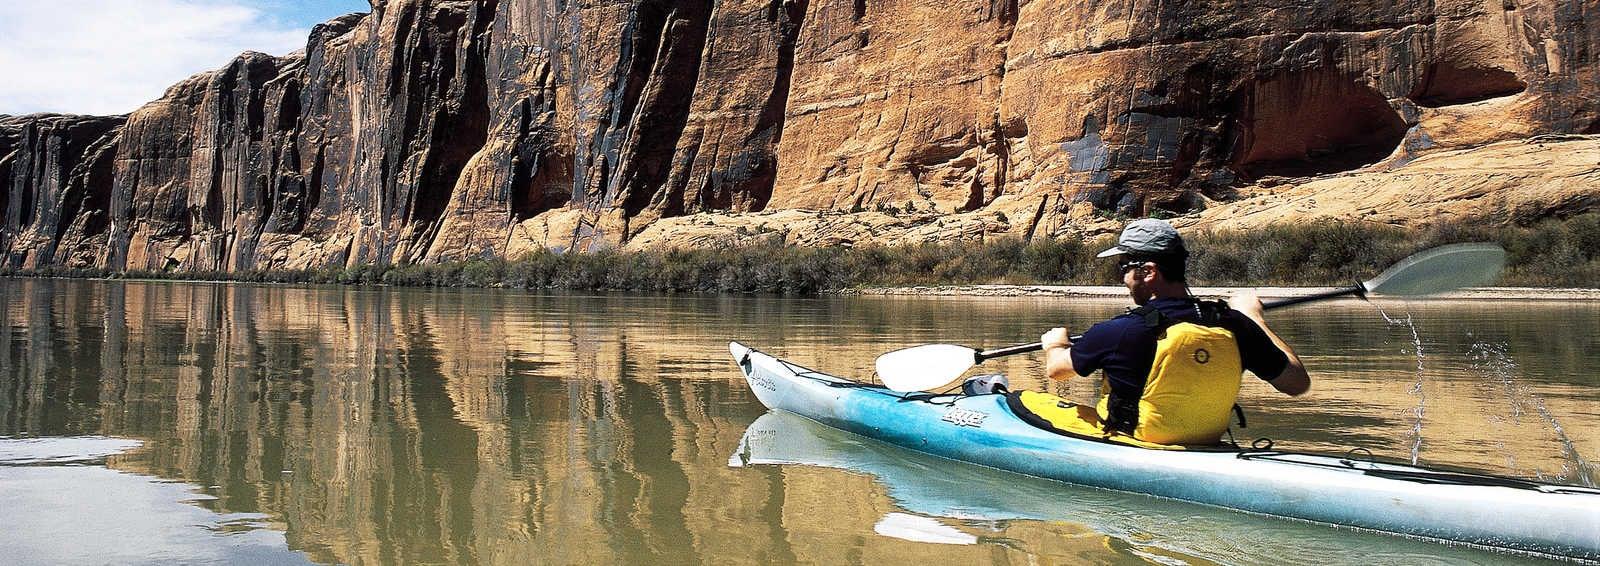 Kayaking on Colorado River, Utah